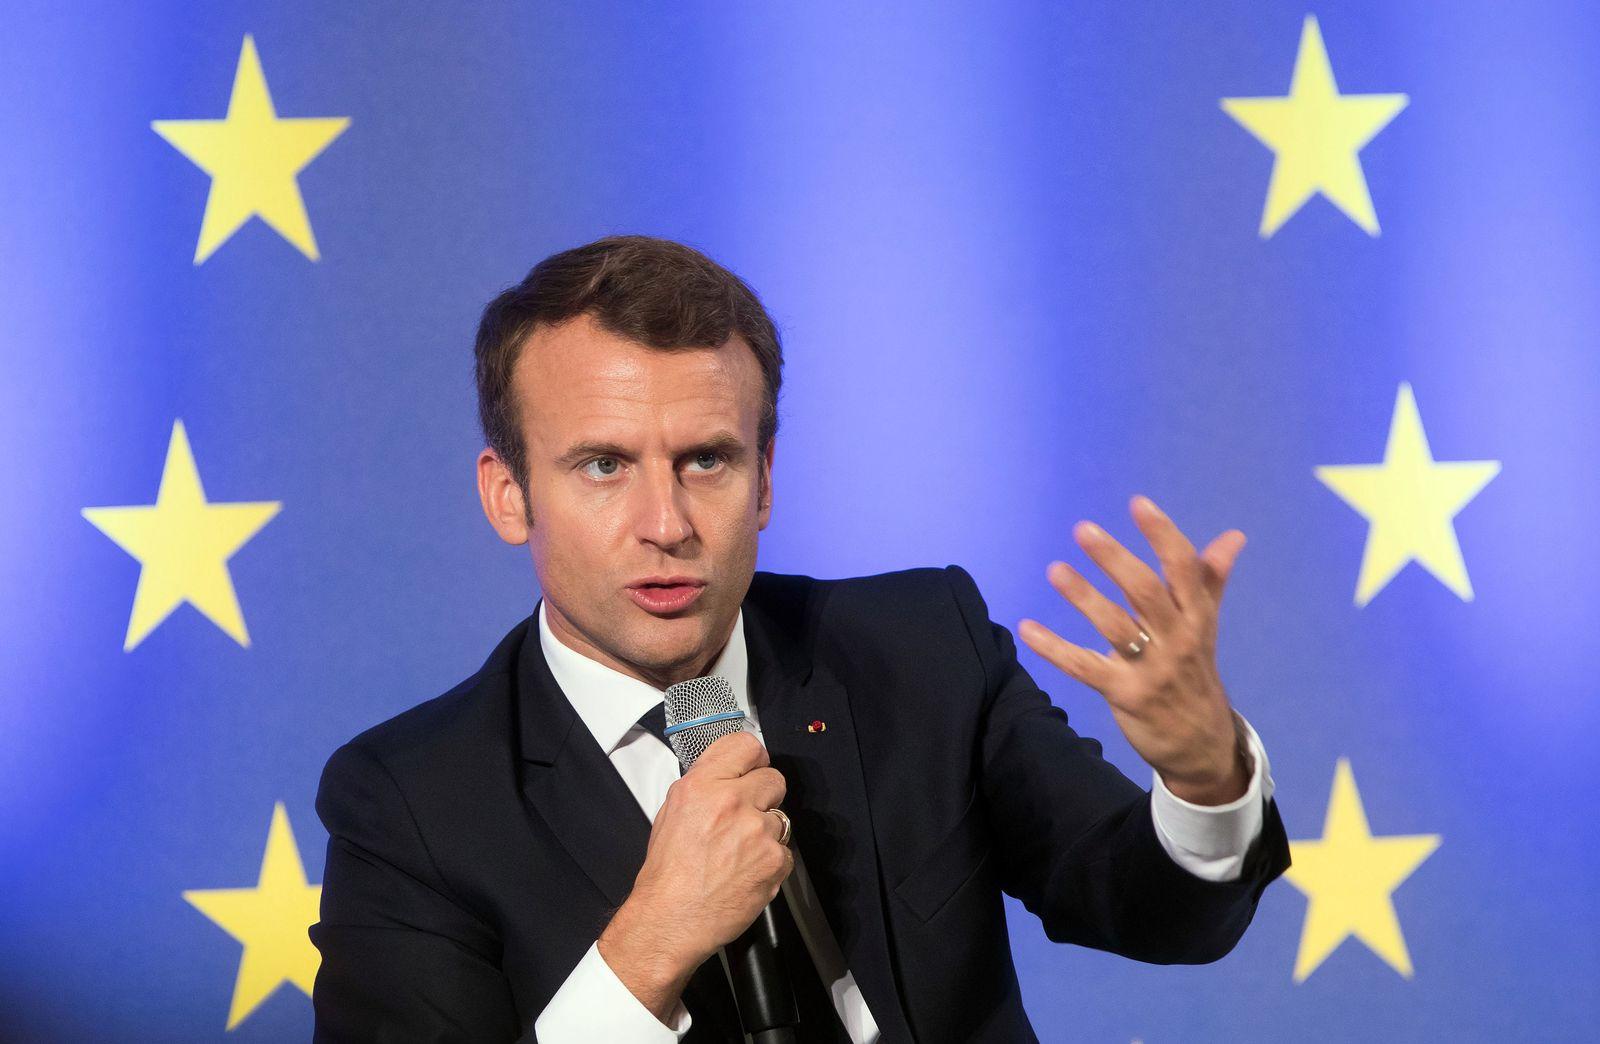 Emmanuel Macron / Europa